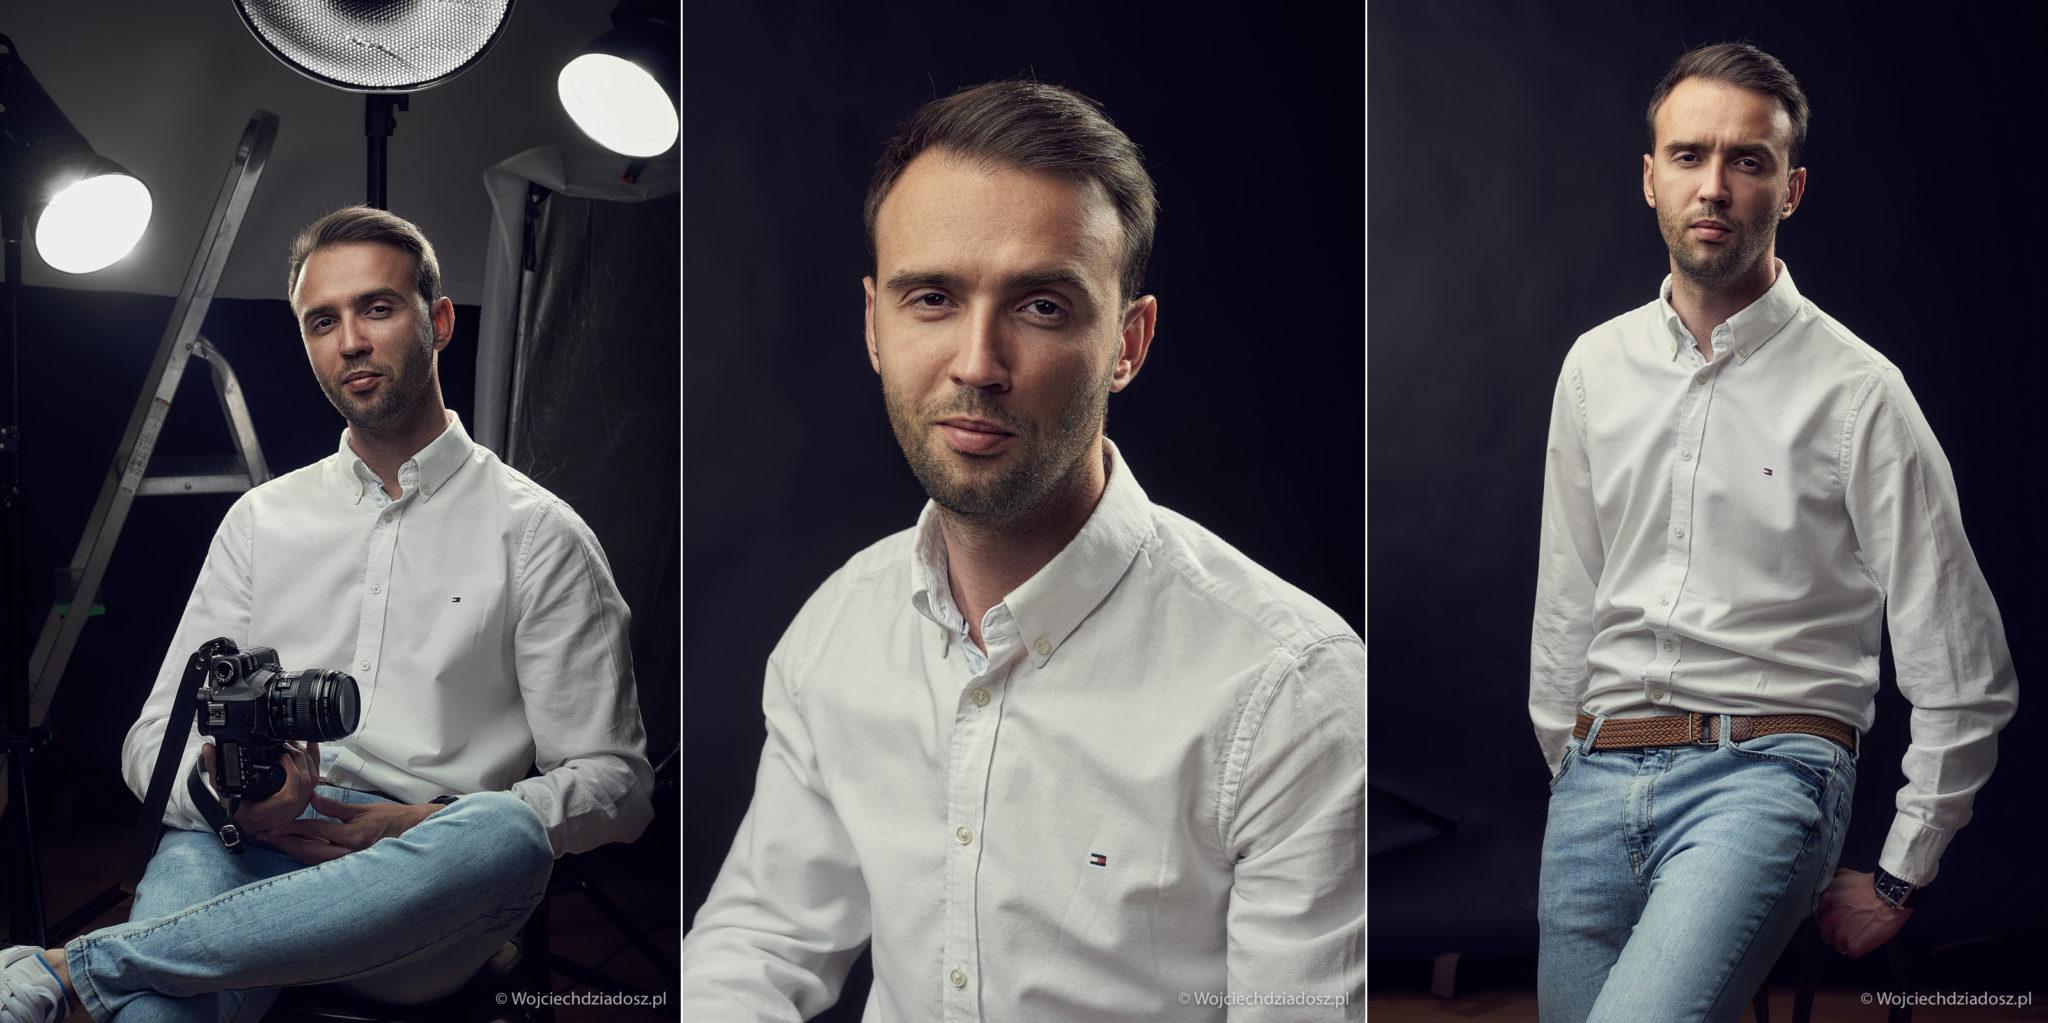 Profesjonalna fotografia wizerunkowa | Zdjęcia biznesowe | Fotografia korporacyjna | Portret | Ludzie | Warszawa | Wojciech Dziadosz